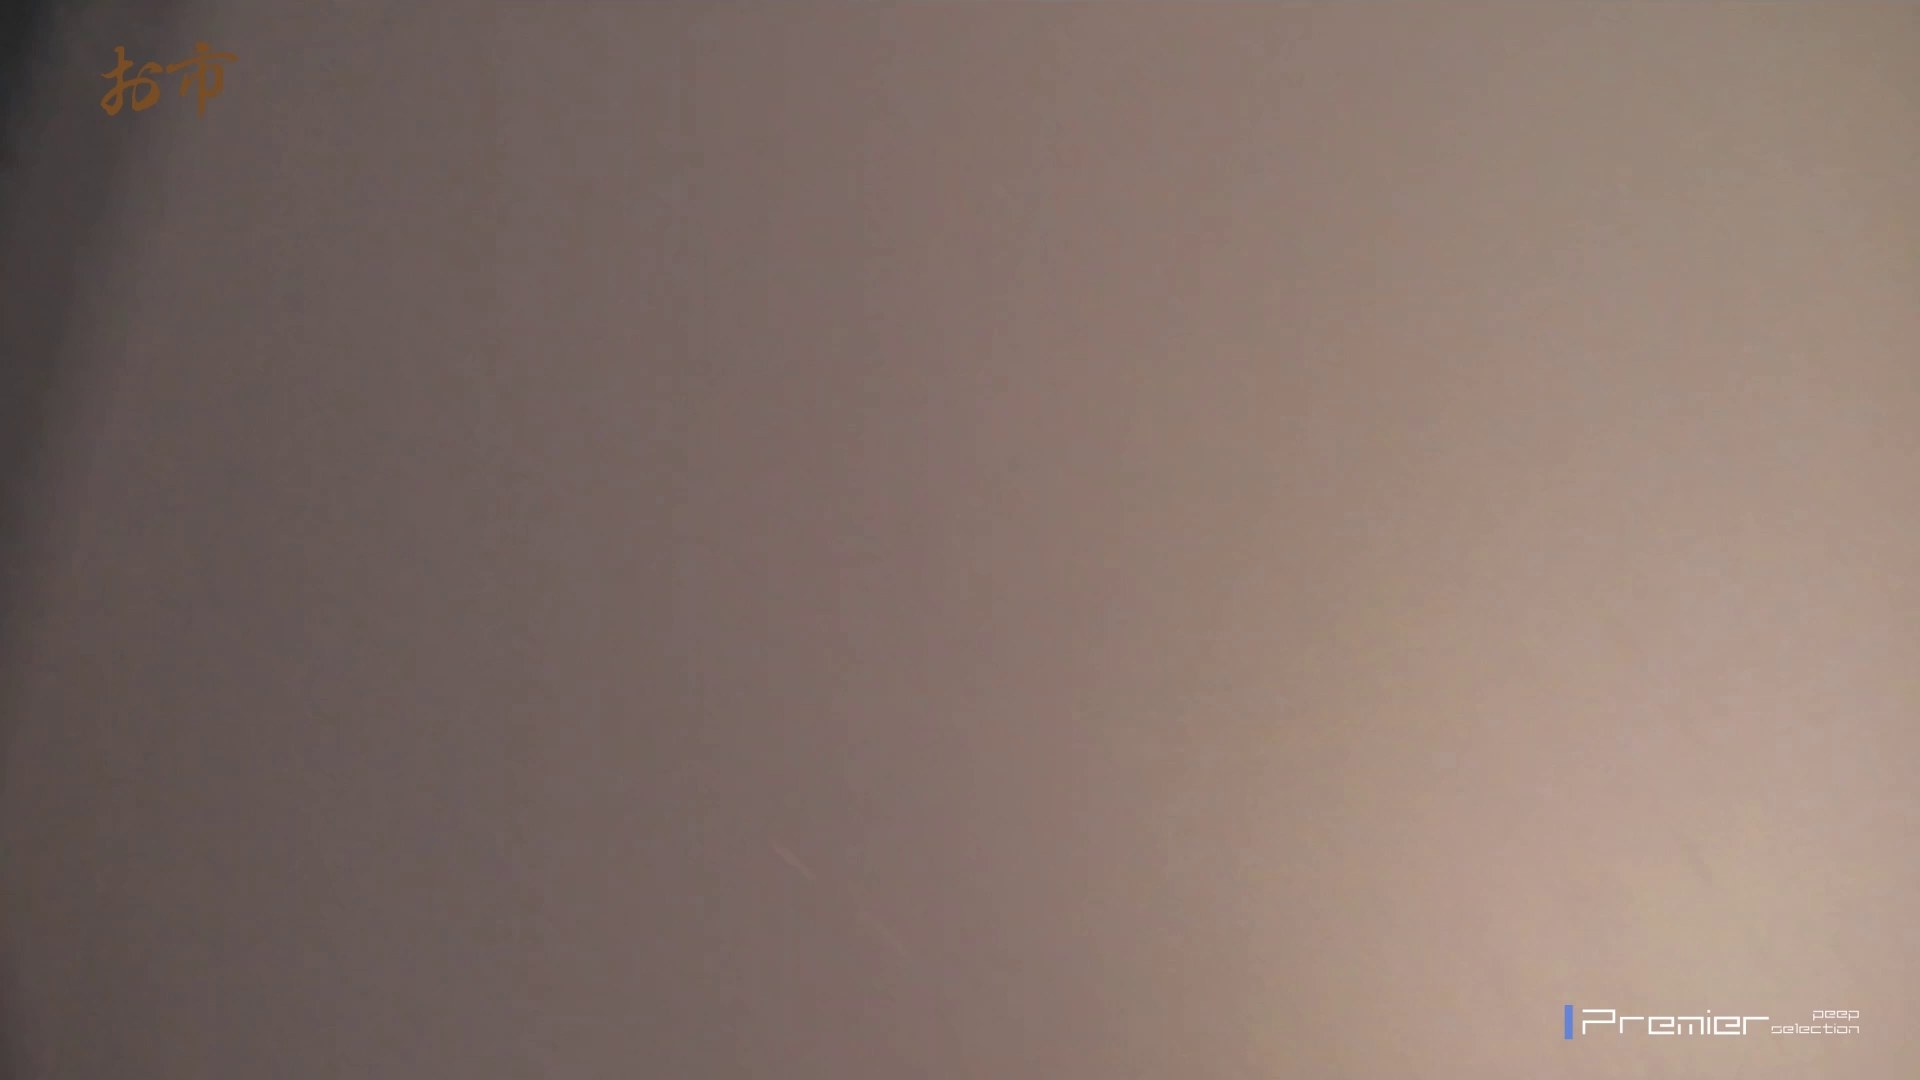 潜入!!台湾名門女学院 Vol.14 ラストコンテンツ!! 盗撮・必見 AV無料 103画像 7